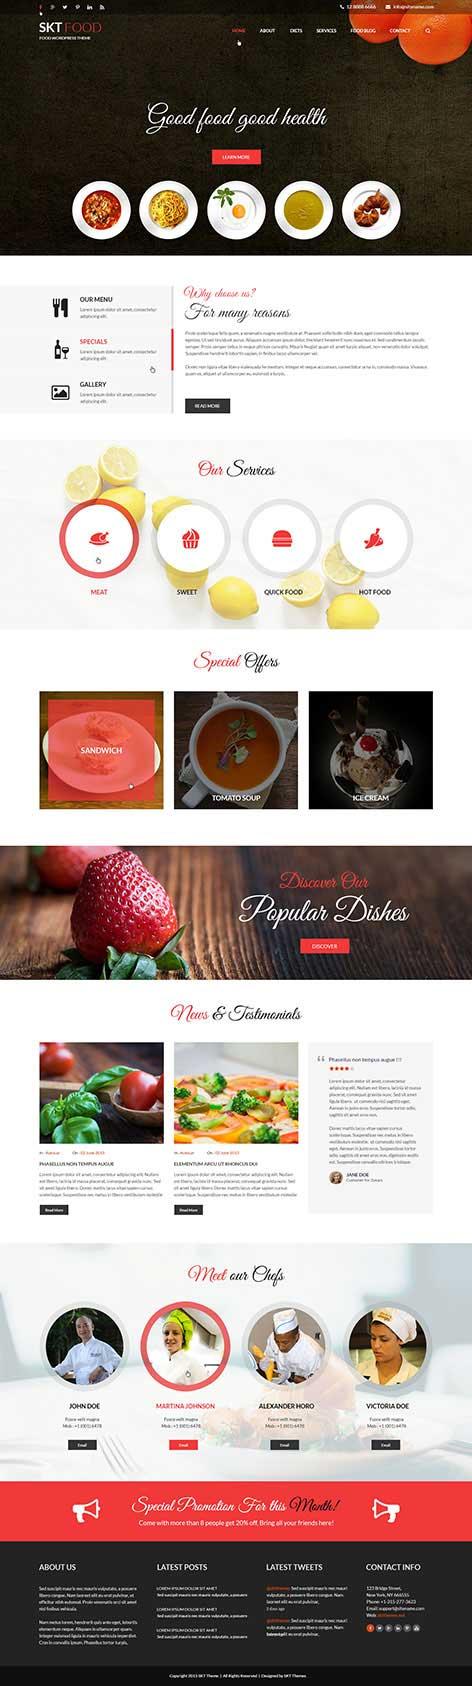 food recipes wordpress theme1 - Food